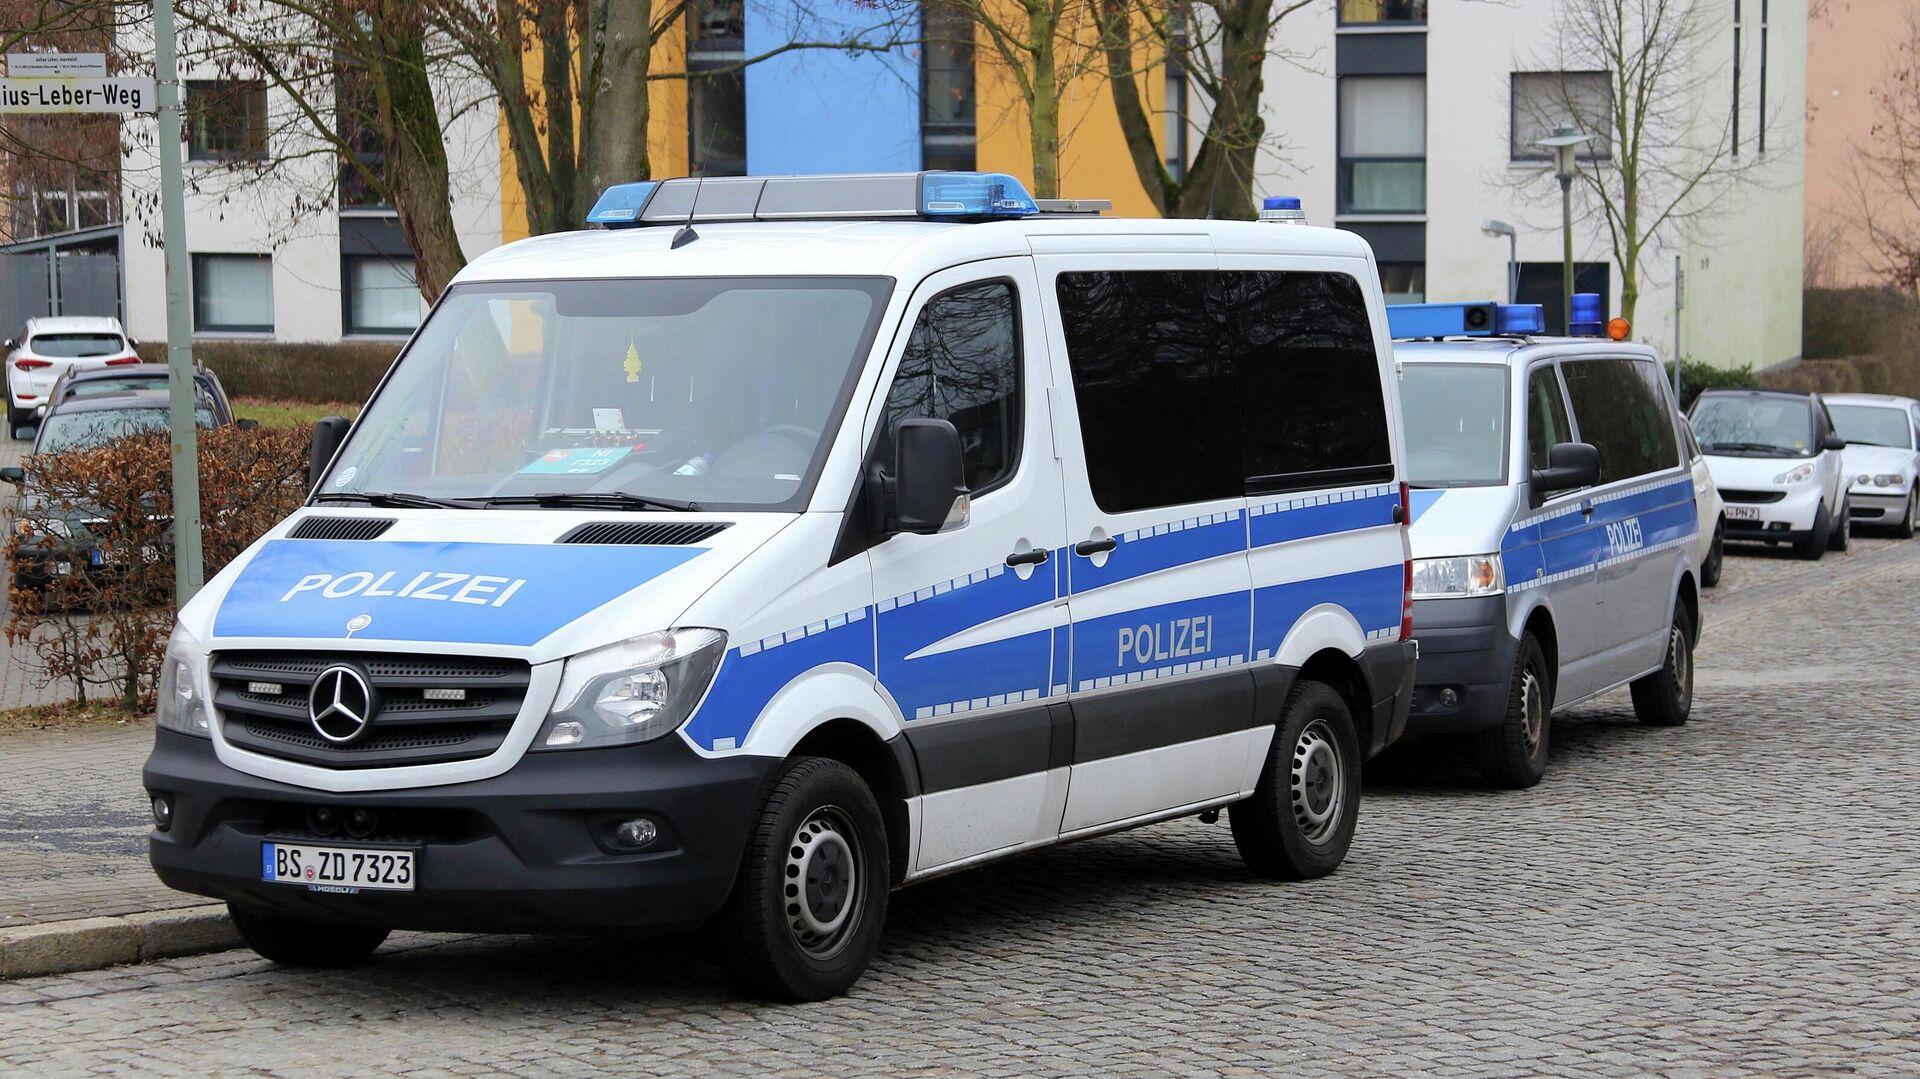 Автомобили полиции Германии - РИА Новости, 1920, 17.07.2020